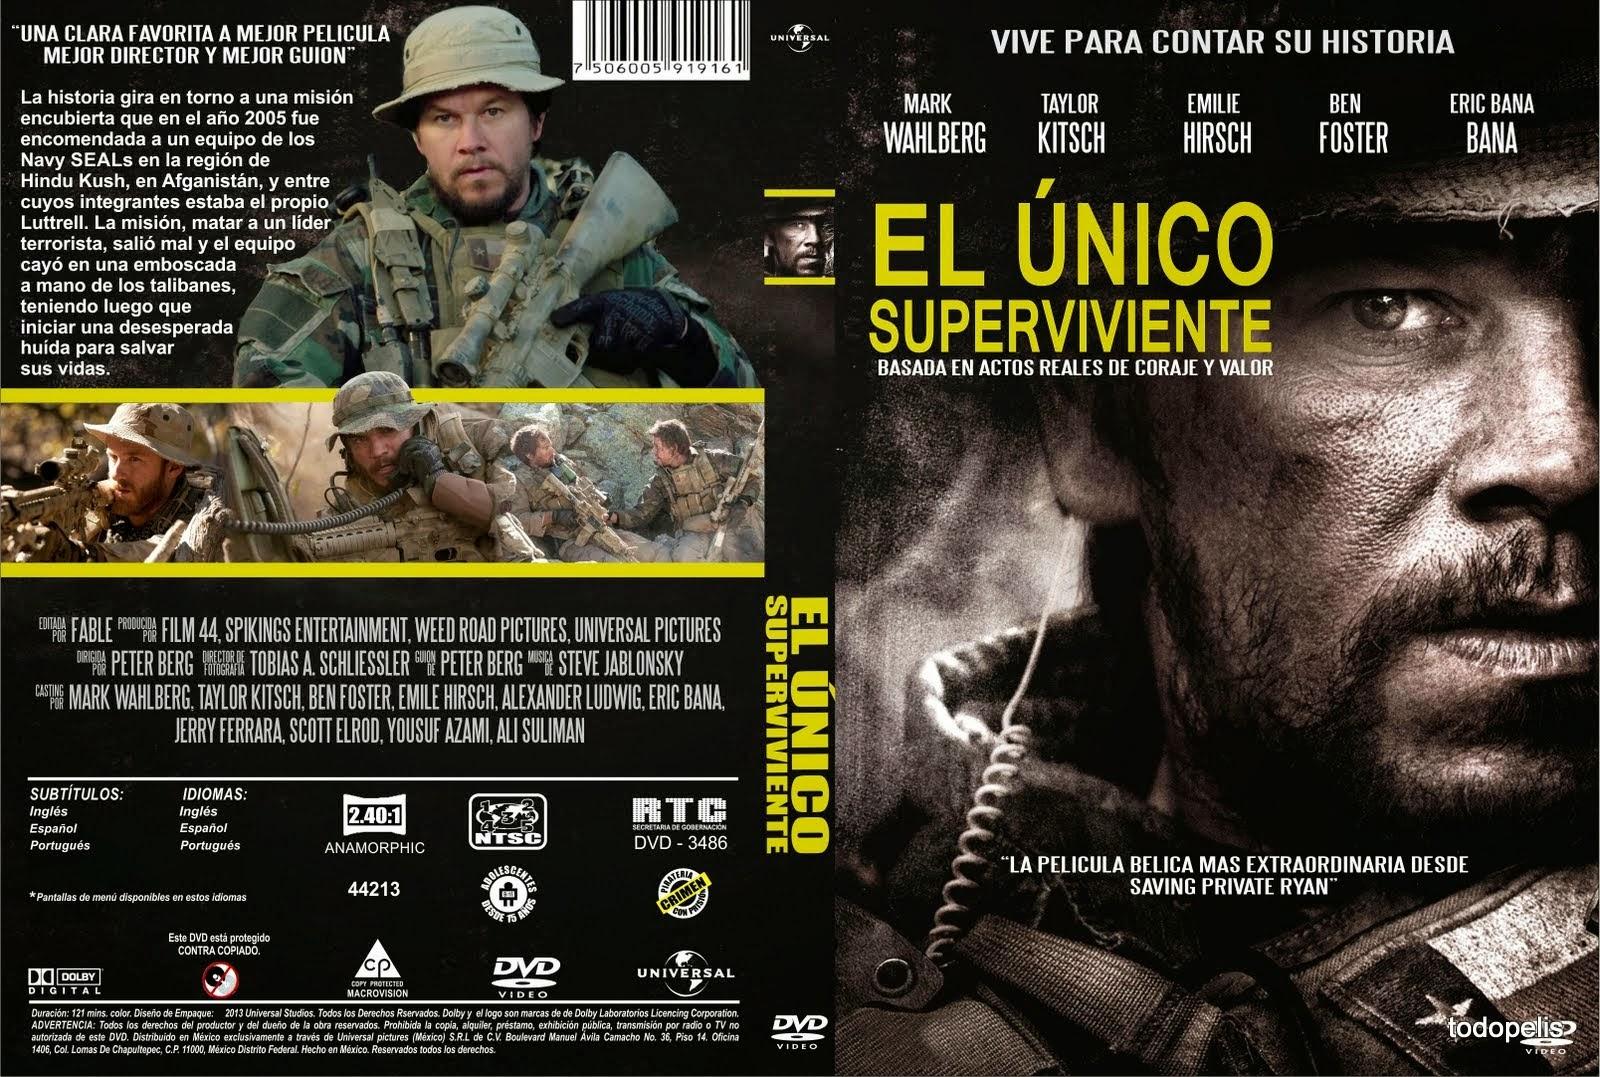 Caratula DVD El único superviviente